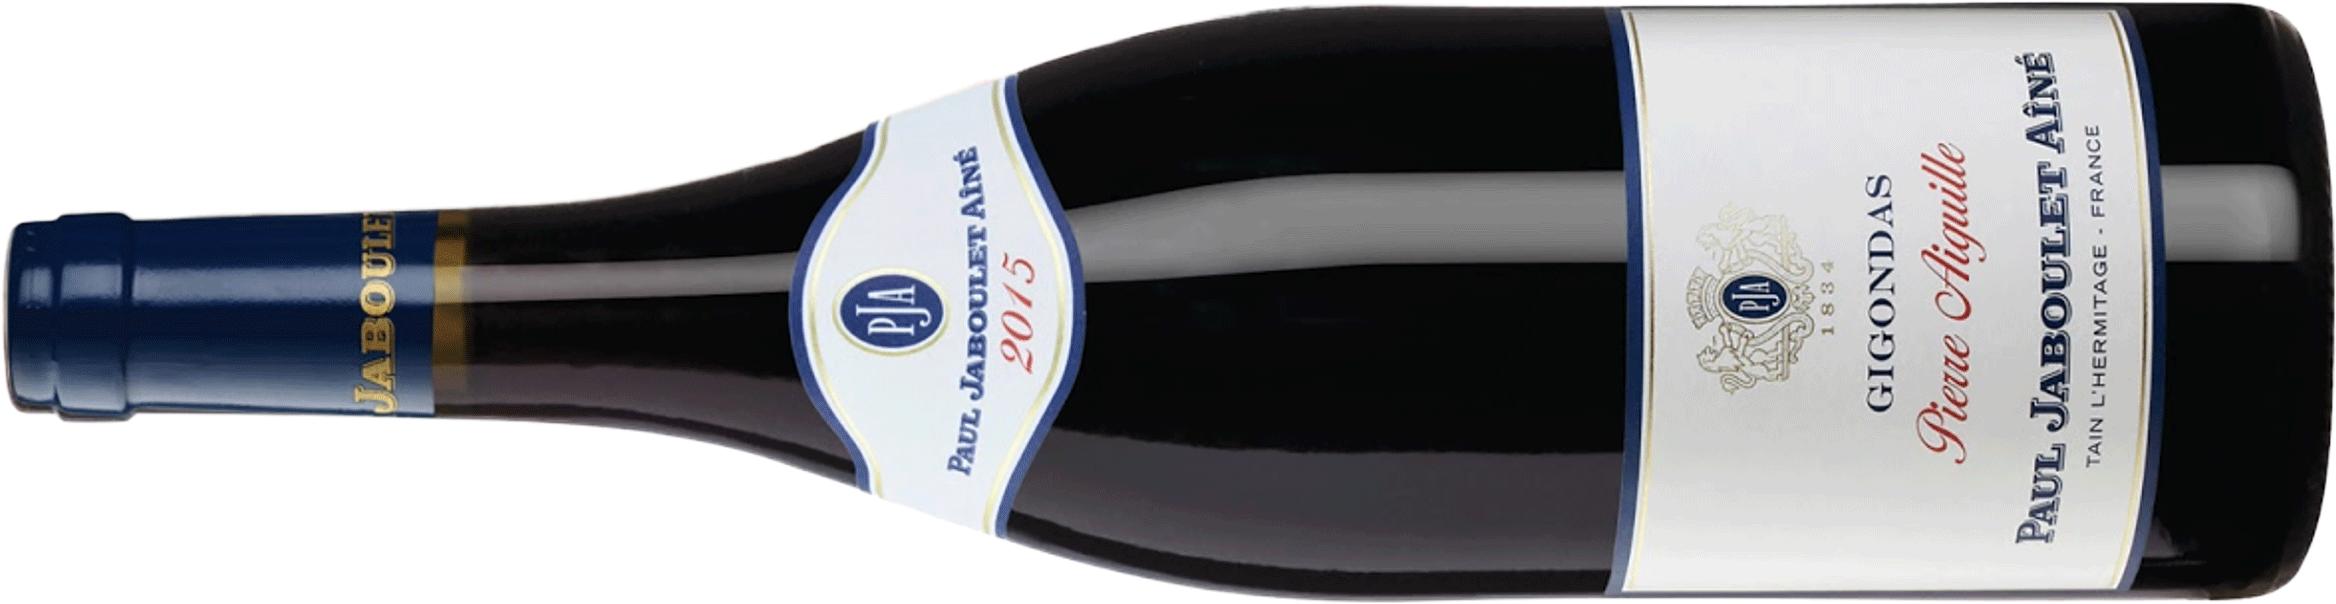 2015 Paul Jaboulet Aine Gigondas Pierre Aiguille Bottle